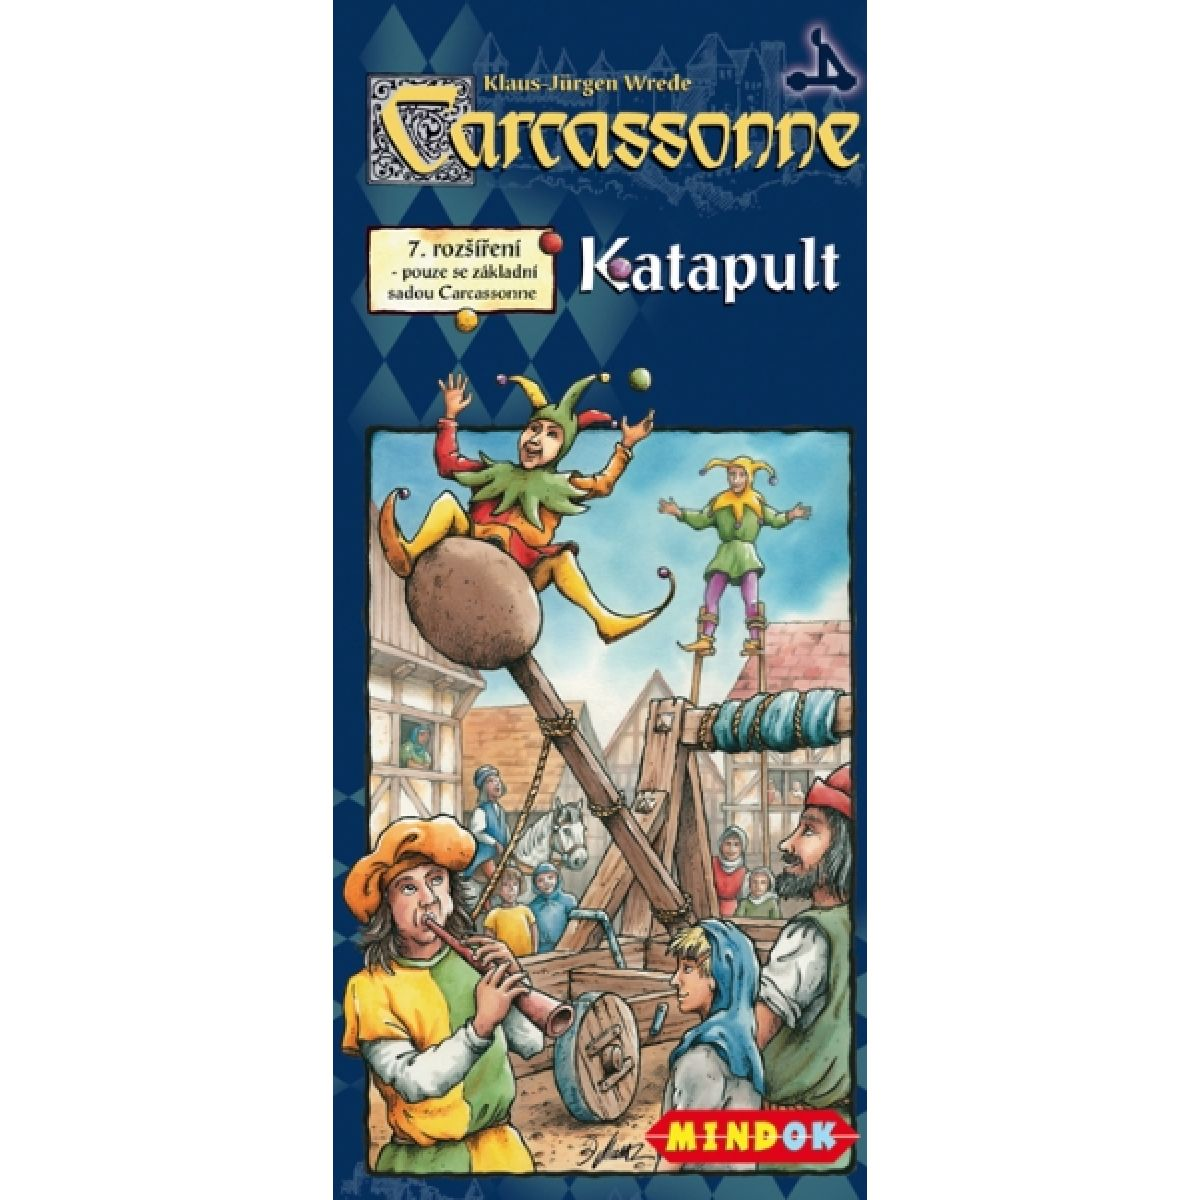 Mindok 300266 - CARCASSONNE Katapult - 7. rozšíření